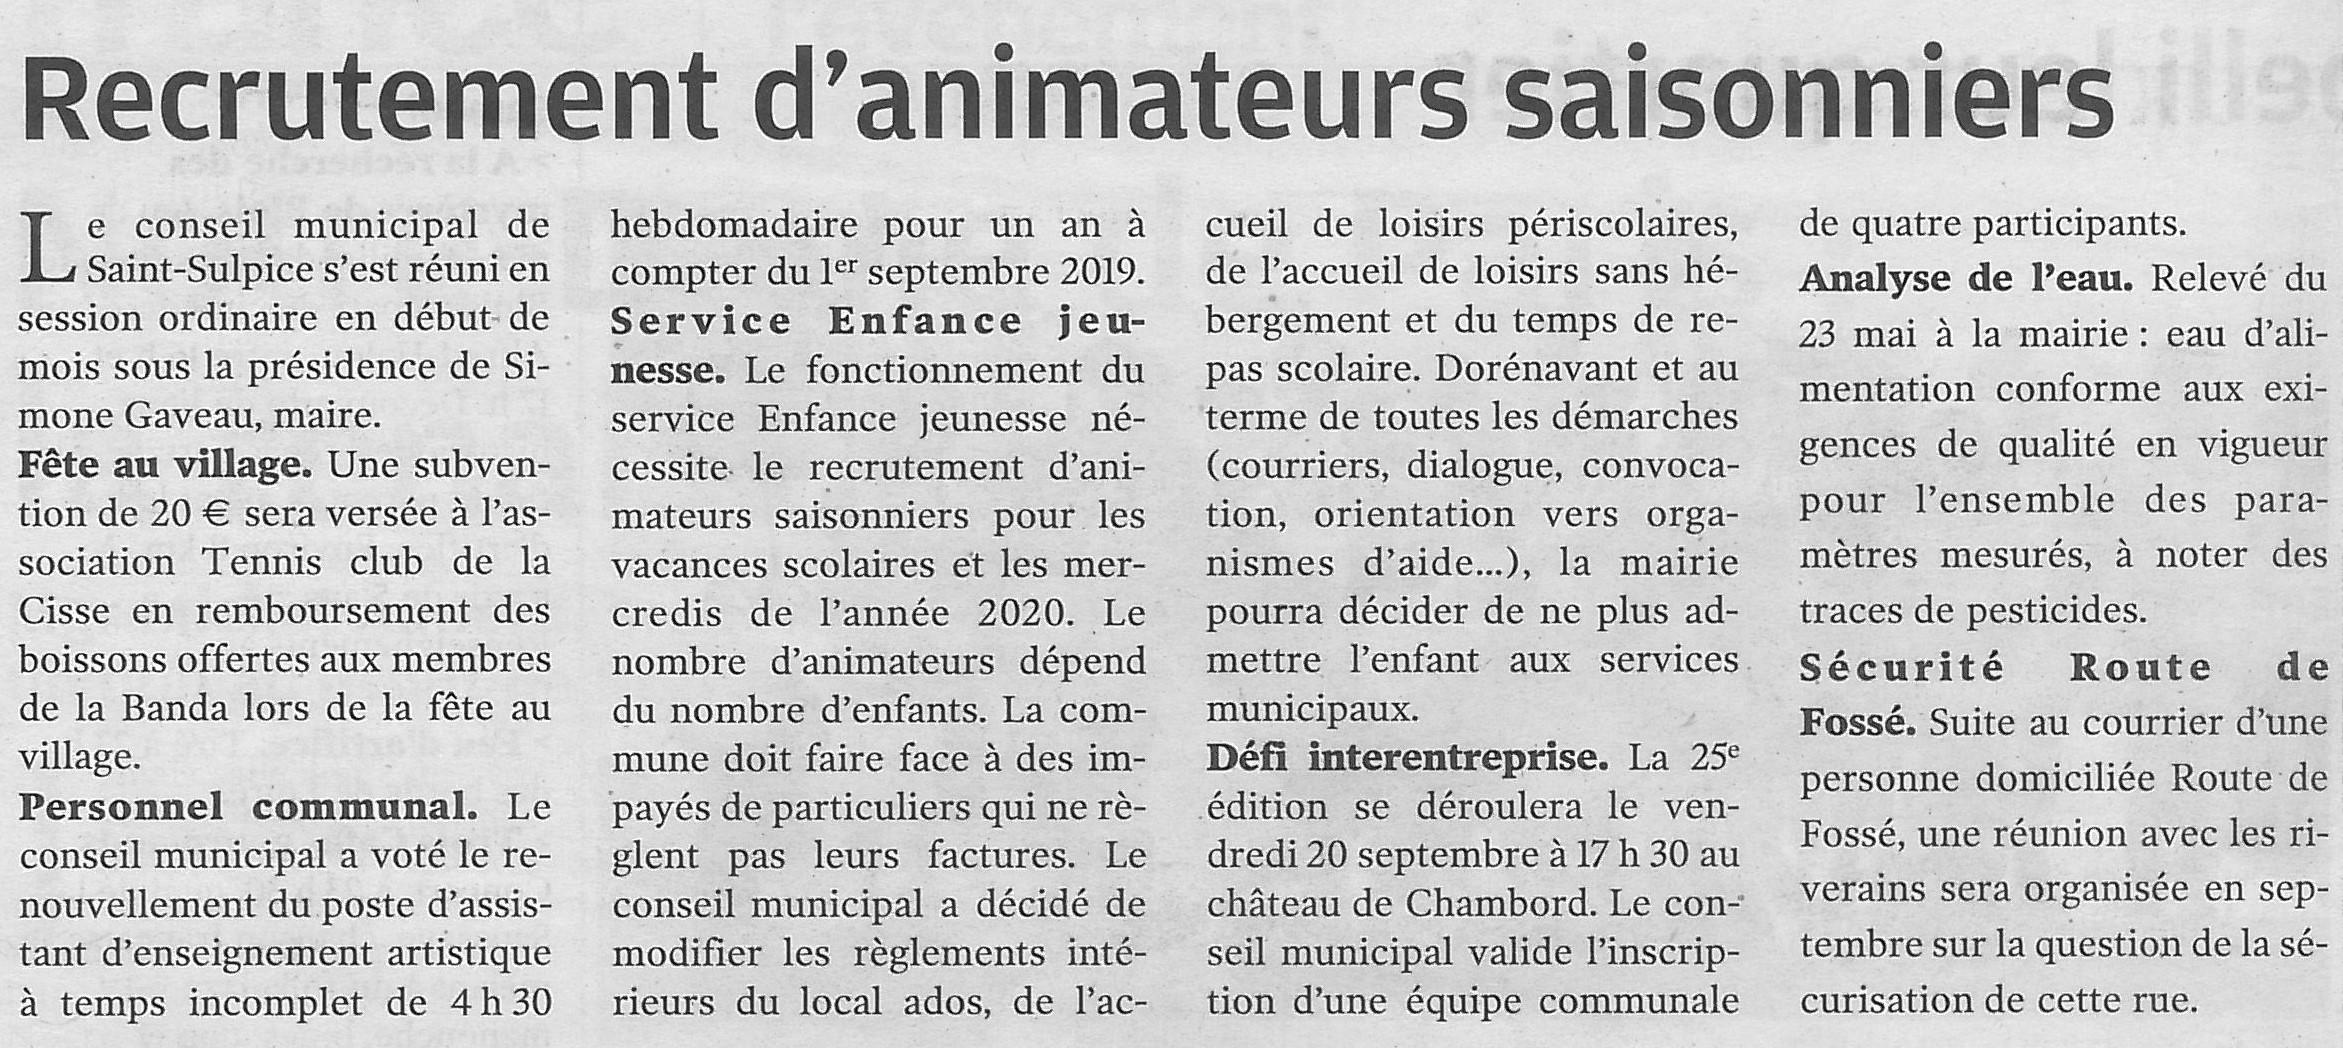 Article NR du 13/07/2019